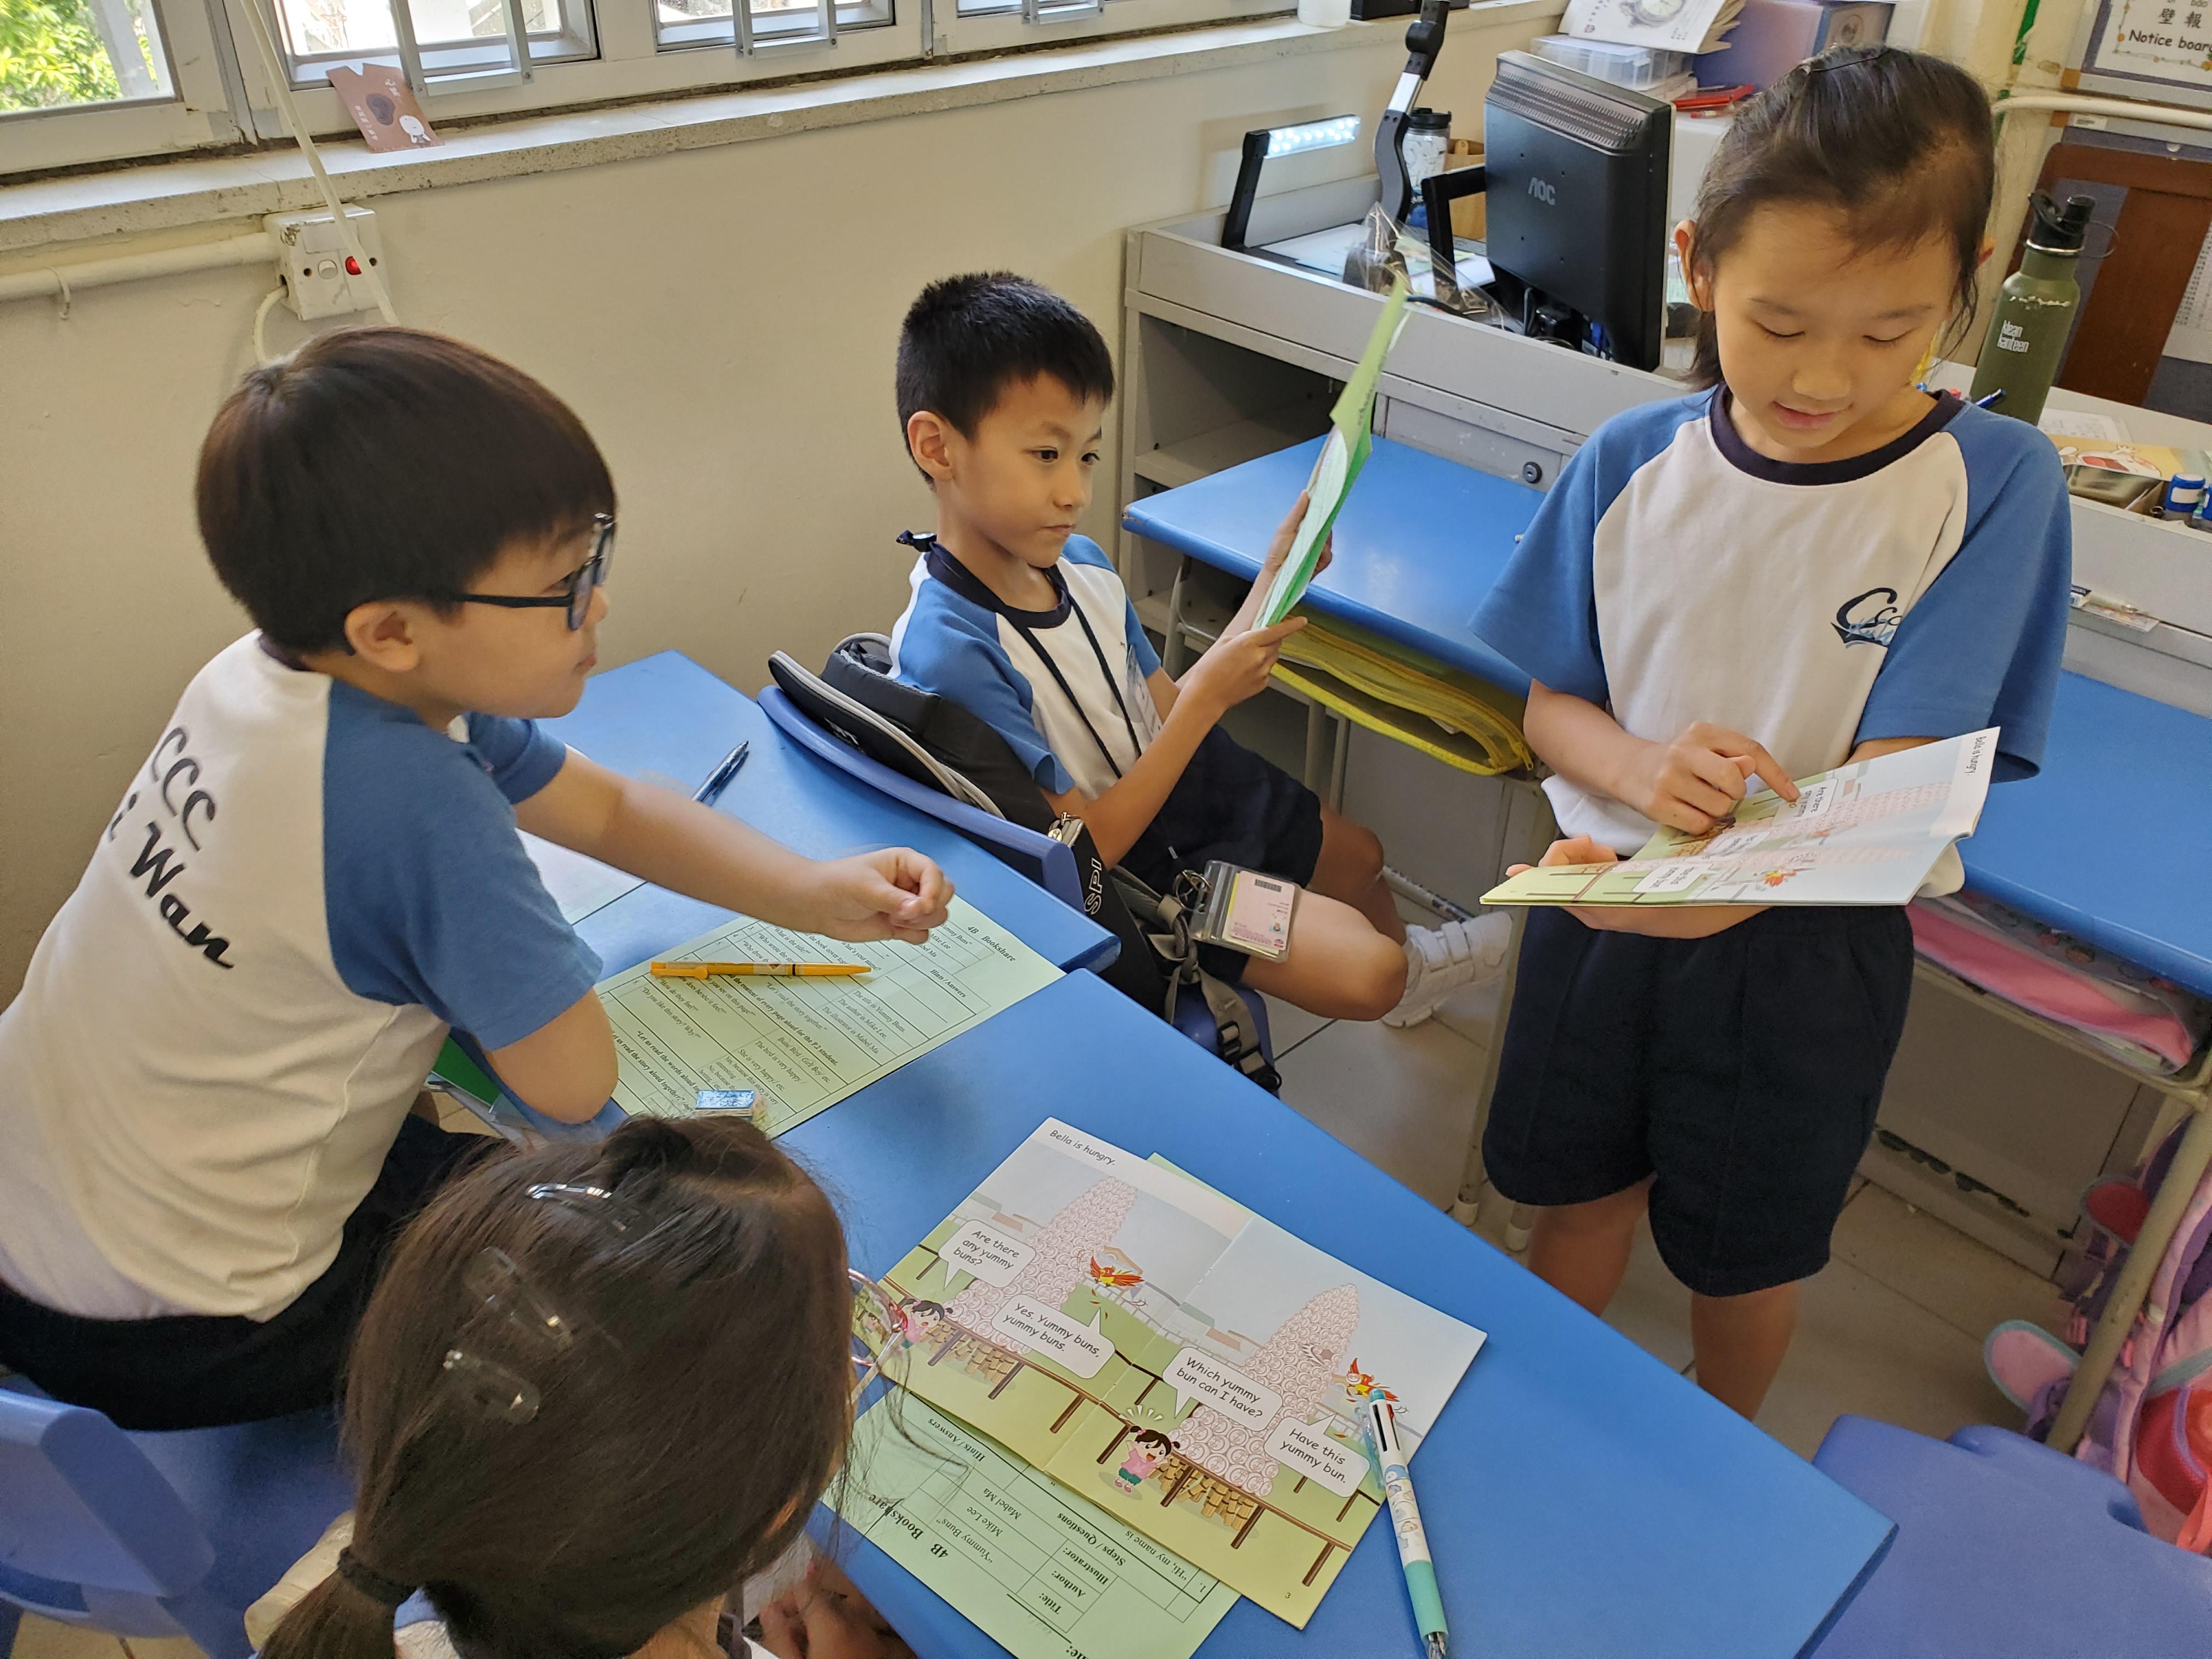 http://www.keiwan.edu.hk/sites/default/files/32_1.jpg